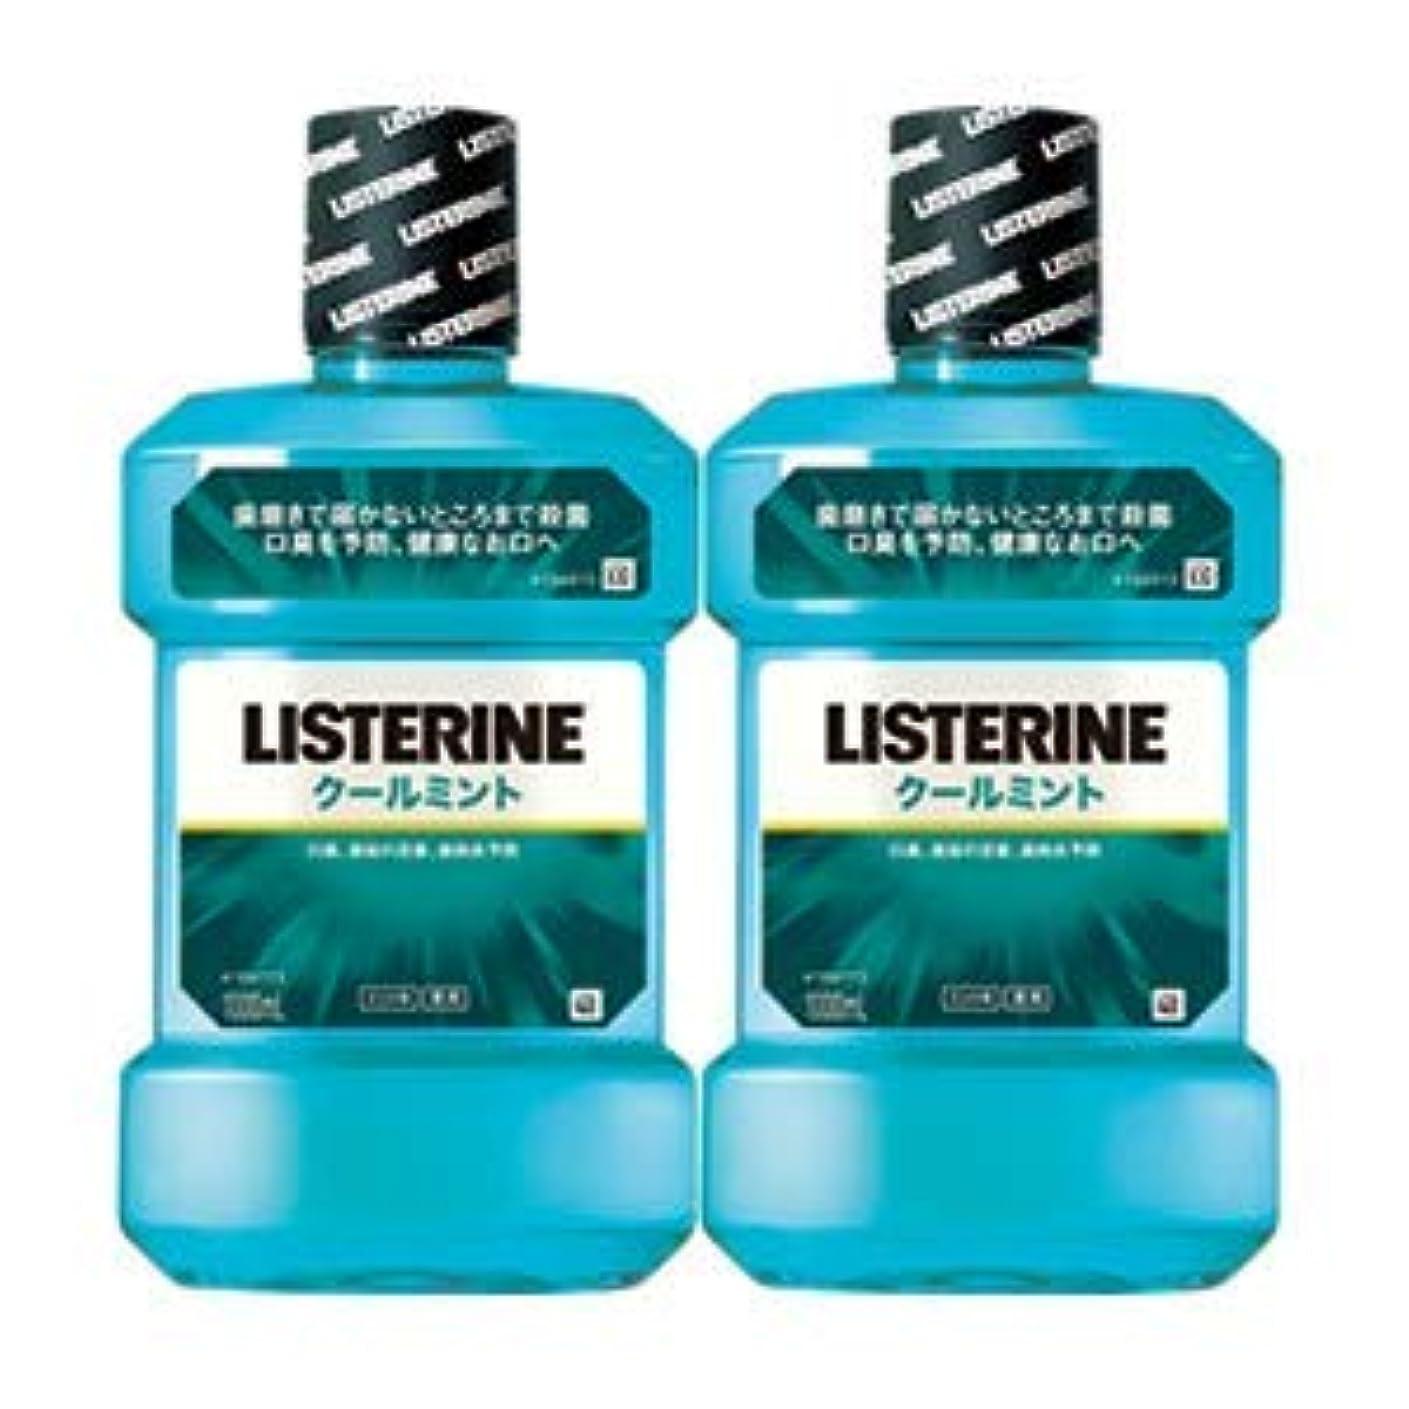 周術期ペイン銀薬用リステリン クールミント (マウスウォッシュ/洗口液) 1000mL×2本セット